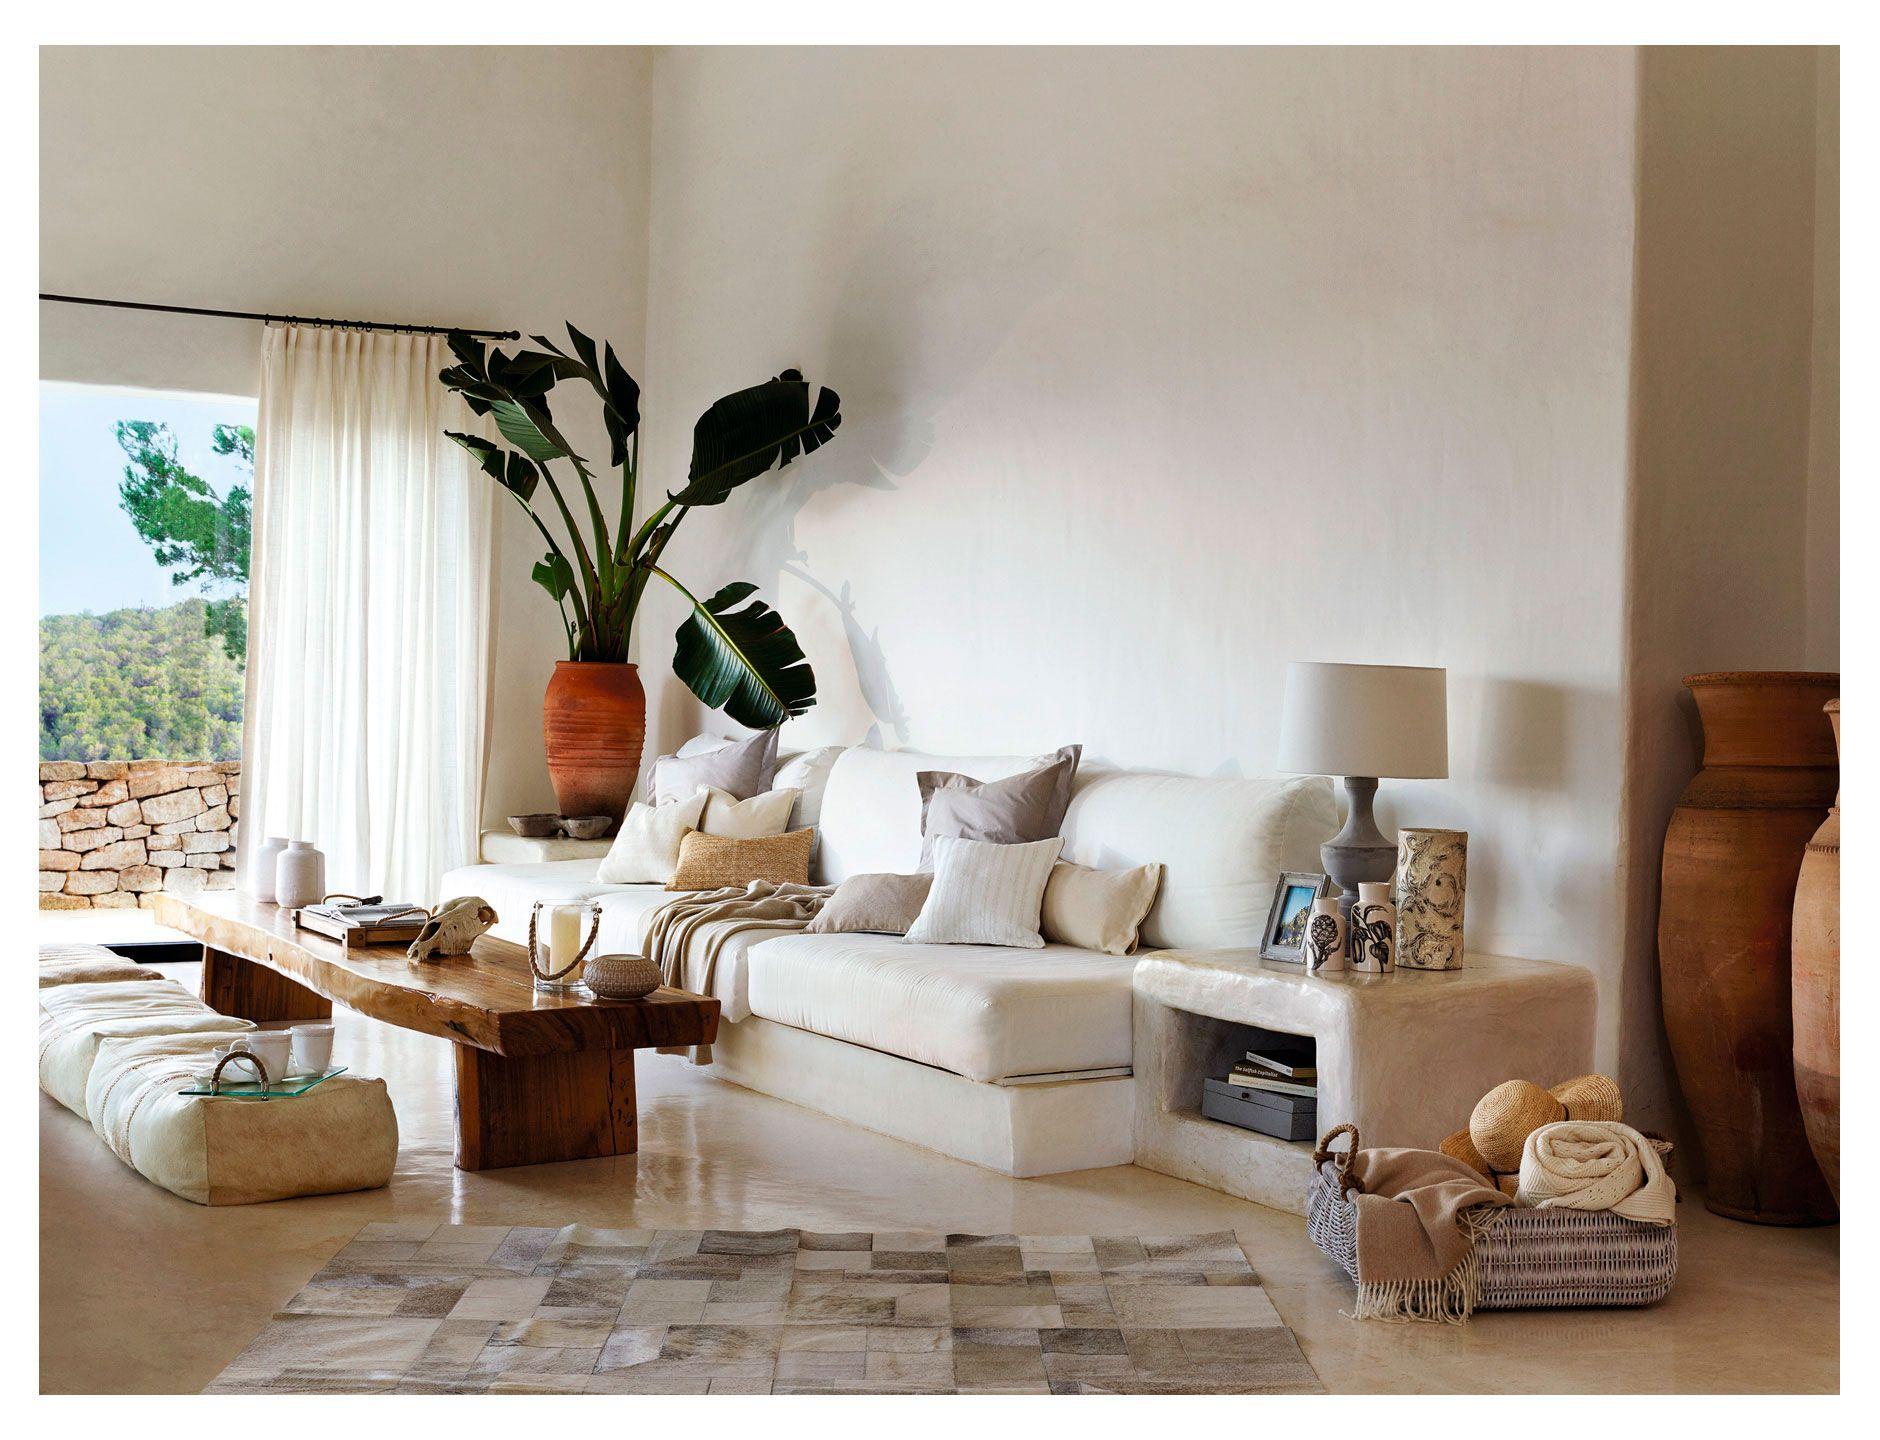 Lookbook Living Room Designs Zara Home Home Decor